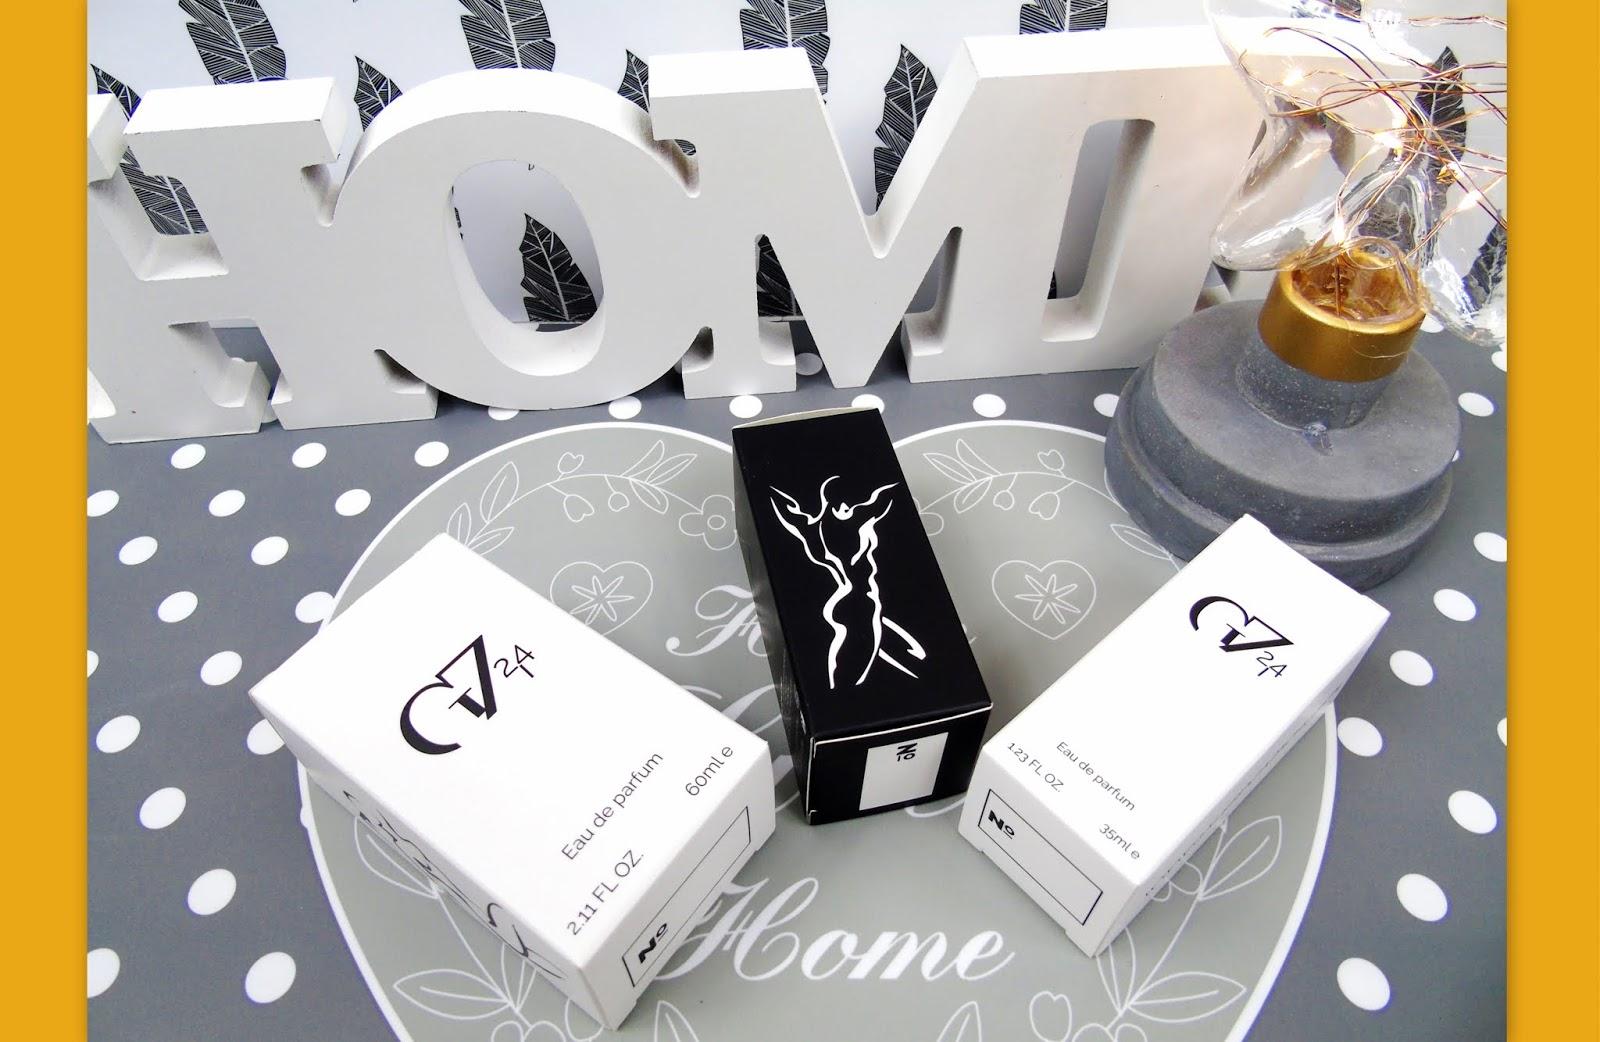 GaleriaZapachu24 - Odpowiedniki znanych perfum teraz w nowej odsłonie!